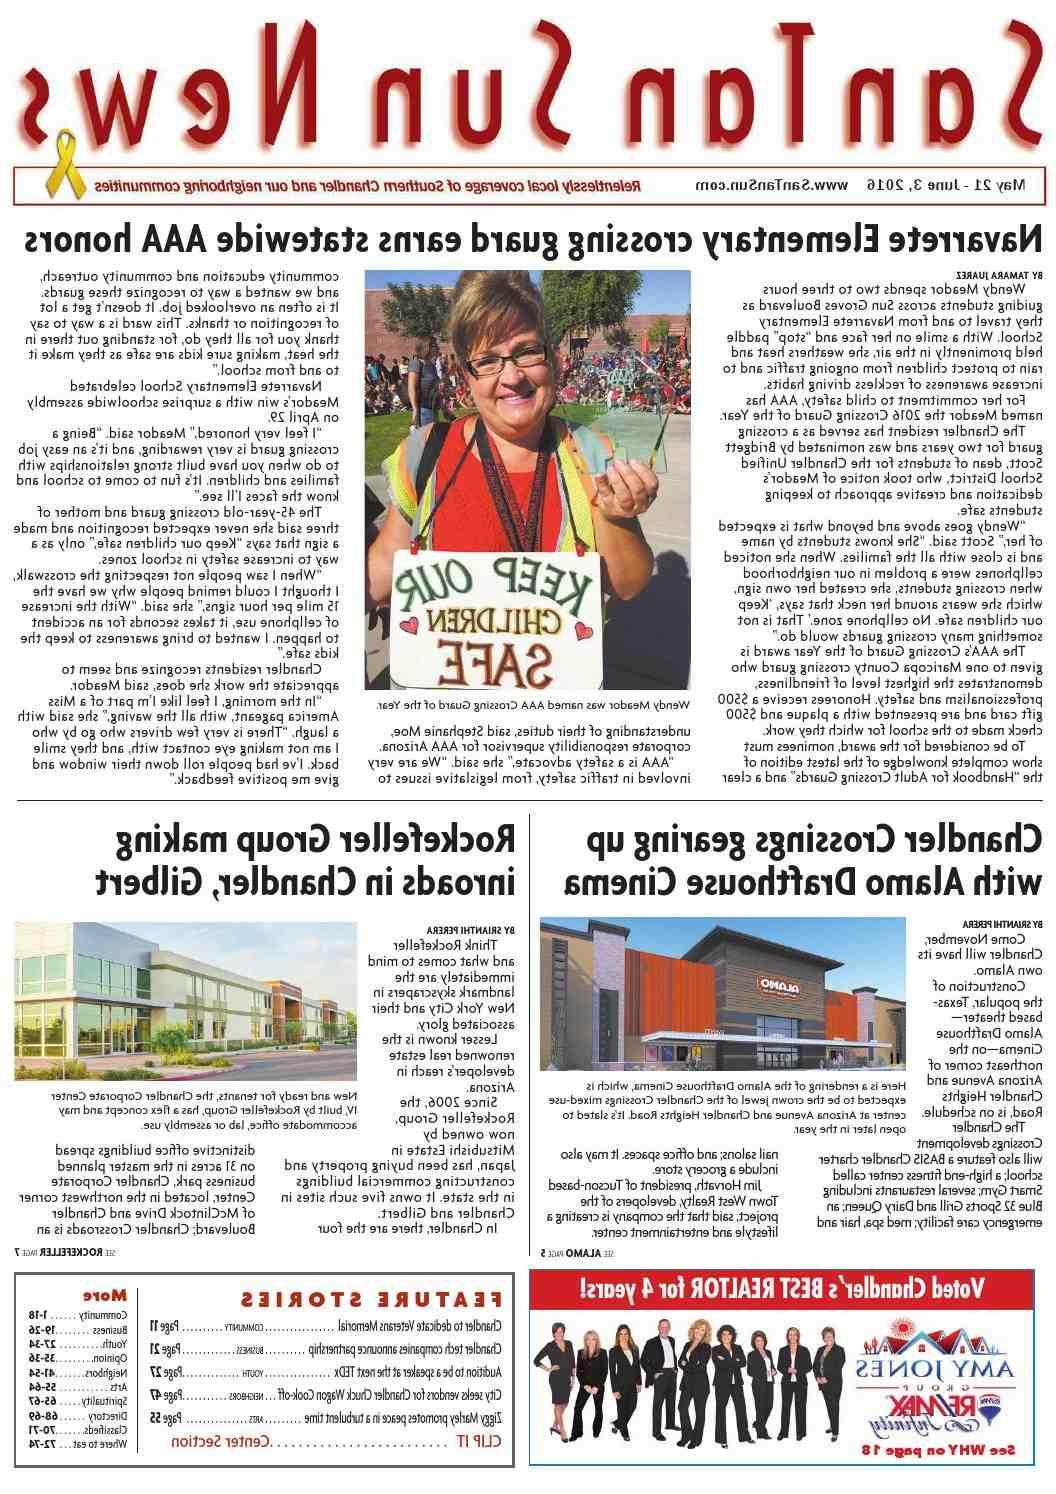 Burgers for Badges lève 15 000 $ pour le bureau du shérif du comté de Douglas | Nouvelles de Carson City dans le Nevada